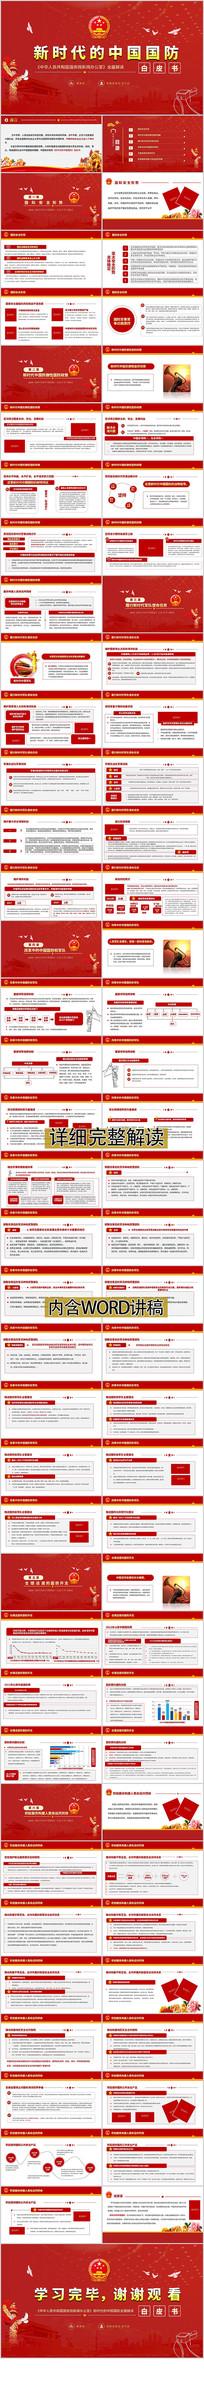 新时代的中国国防白皮书党课ppt模板